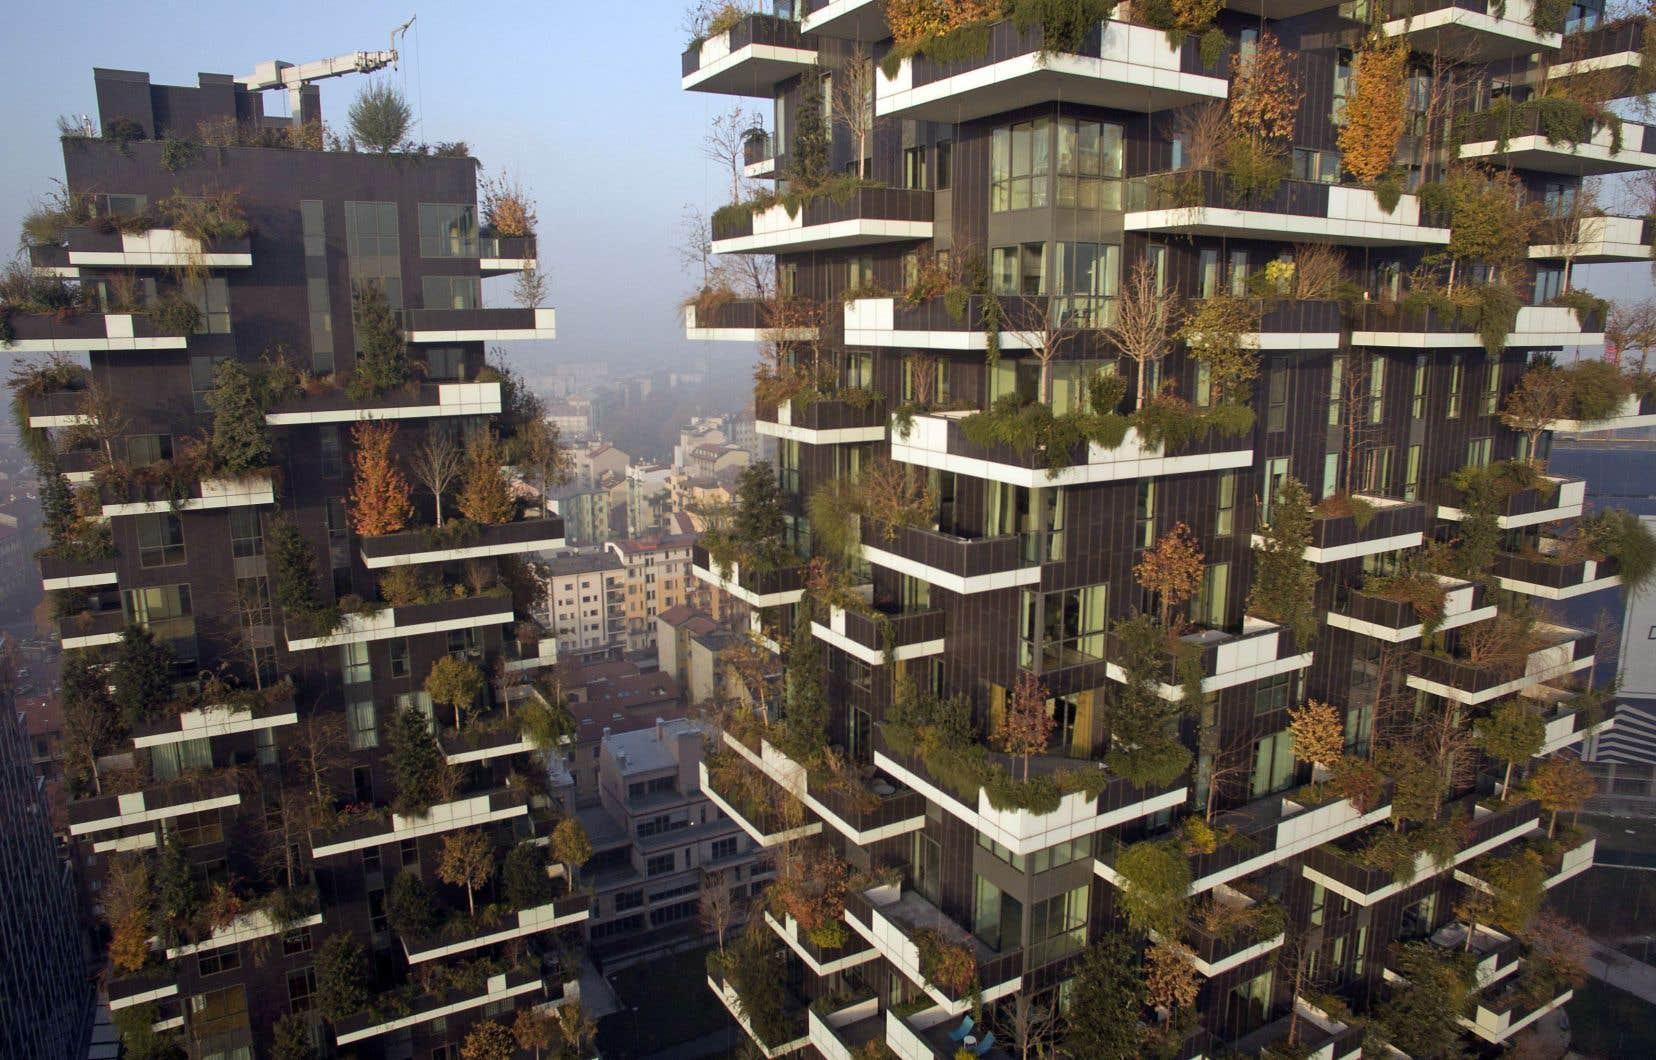 Les réalisateurs sont notamment allés rencontrer, à Milan, un architecte constructeur de «forêts verticales», des gratte-ciel entourés d'arbres jusqu'au ciel.